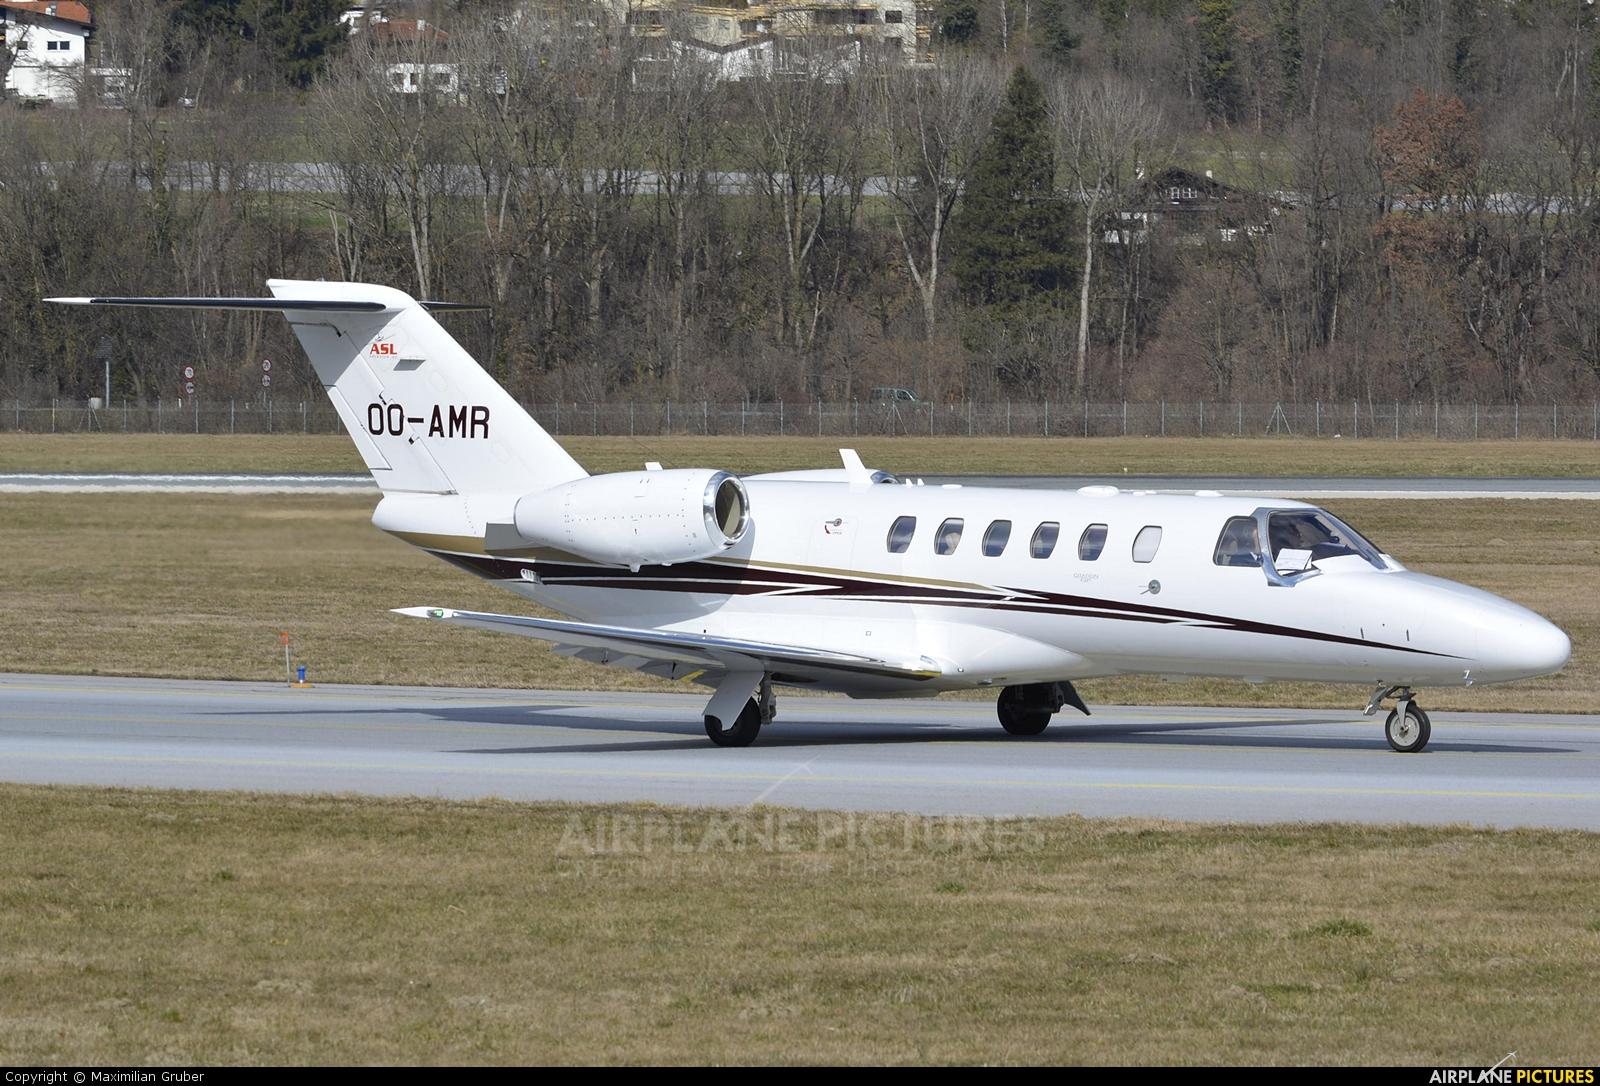 Air Service Liege OO-AMR aircraft at Innsbruck